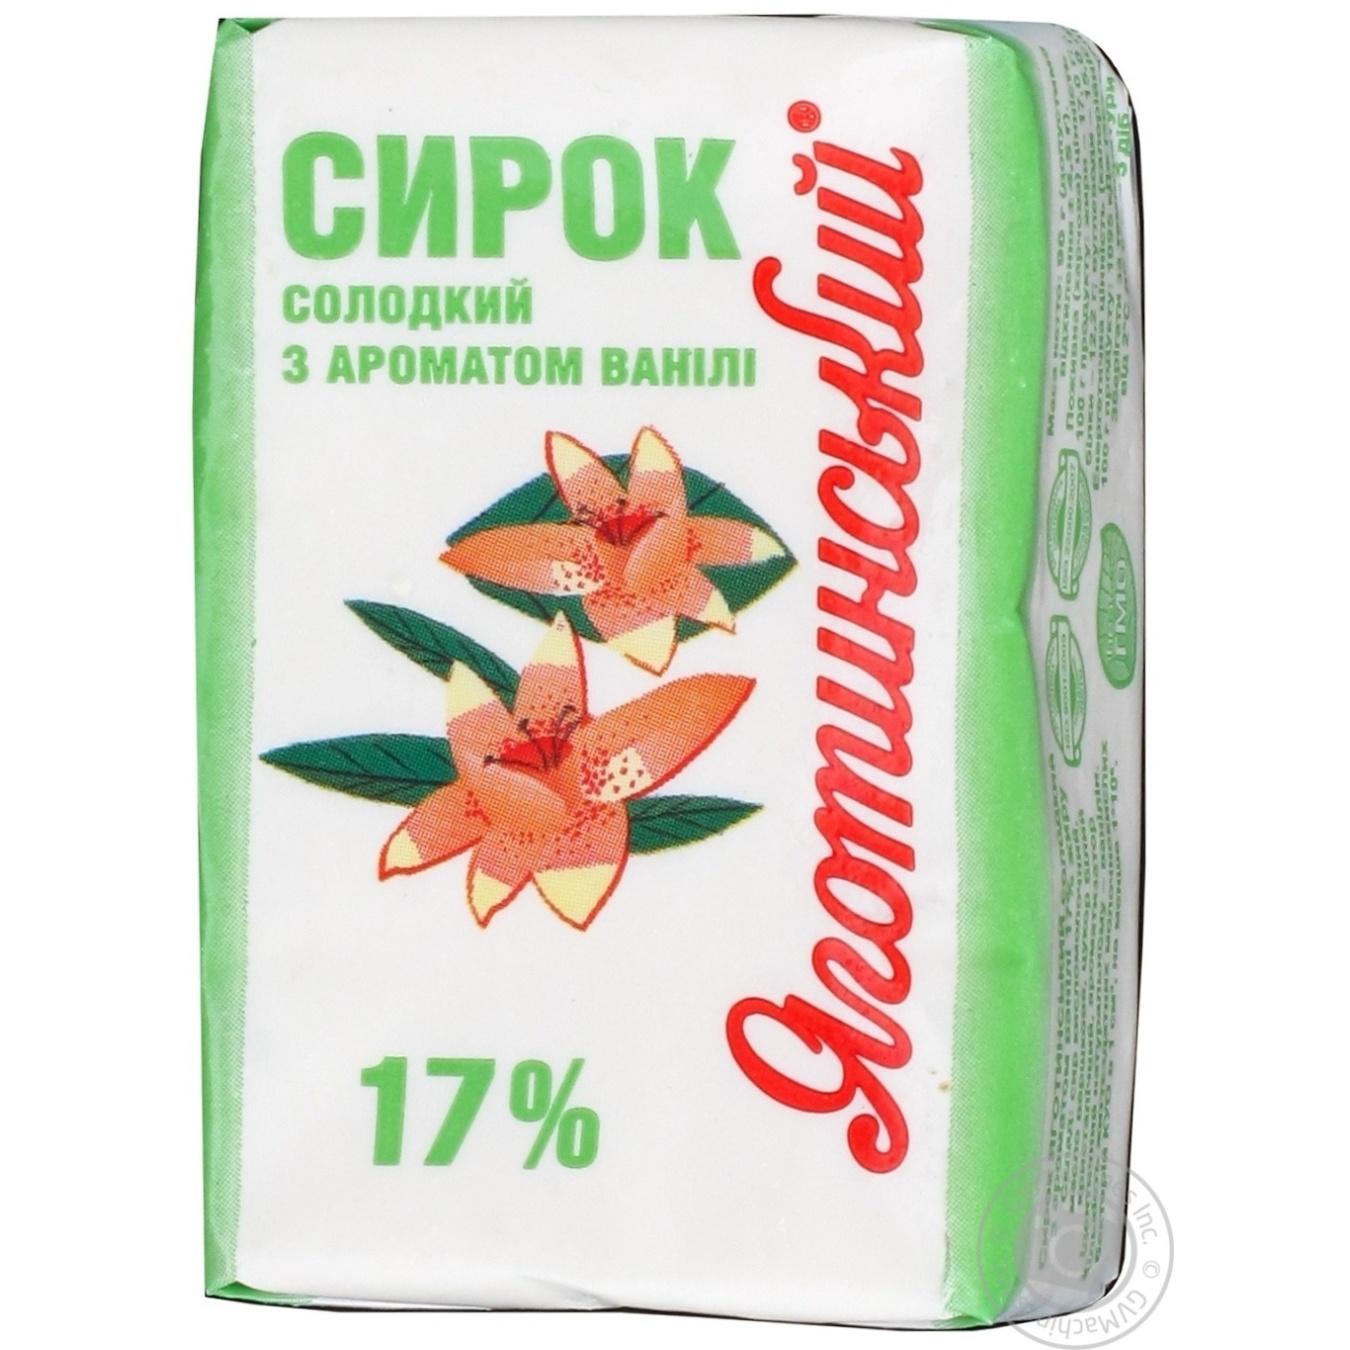 Творожок Яготинский с ароматом ванили сладкий 17% 90г